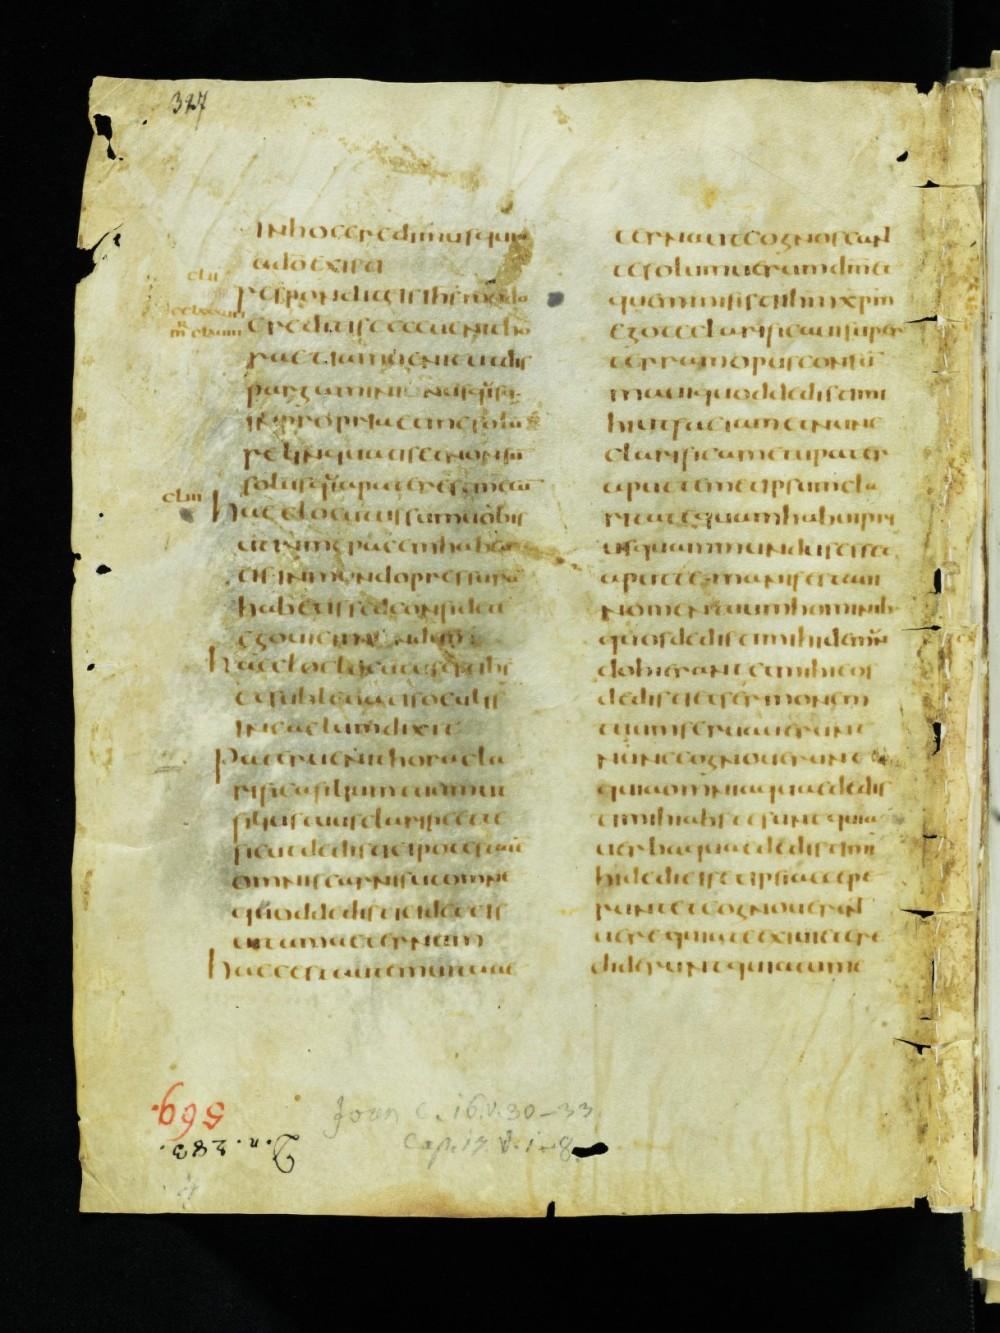 e-codices_csg-1395_327_medium.jpg